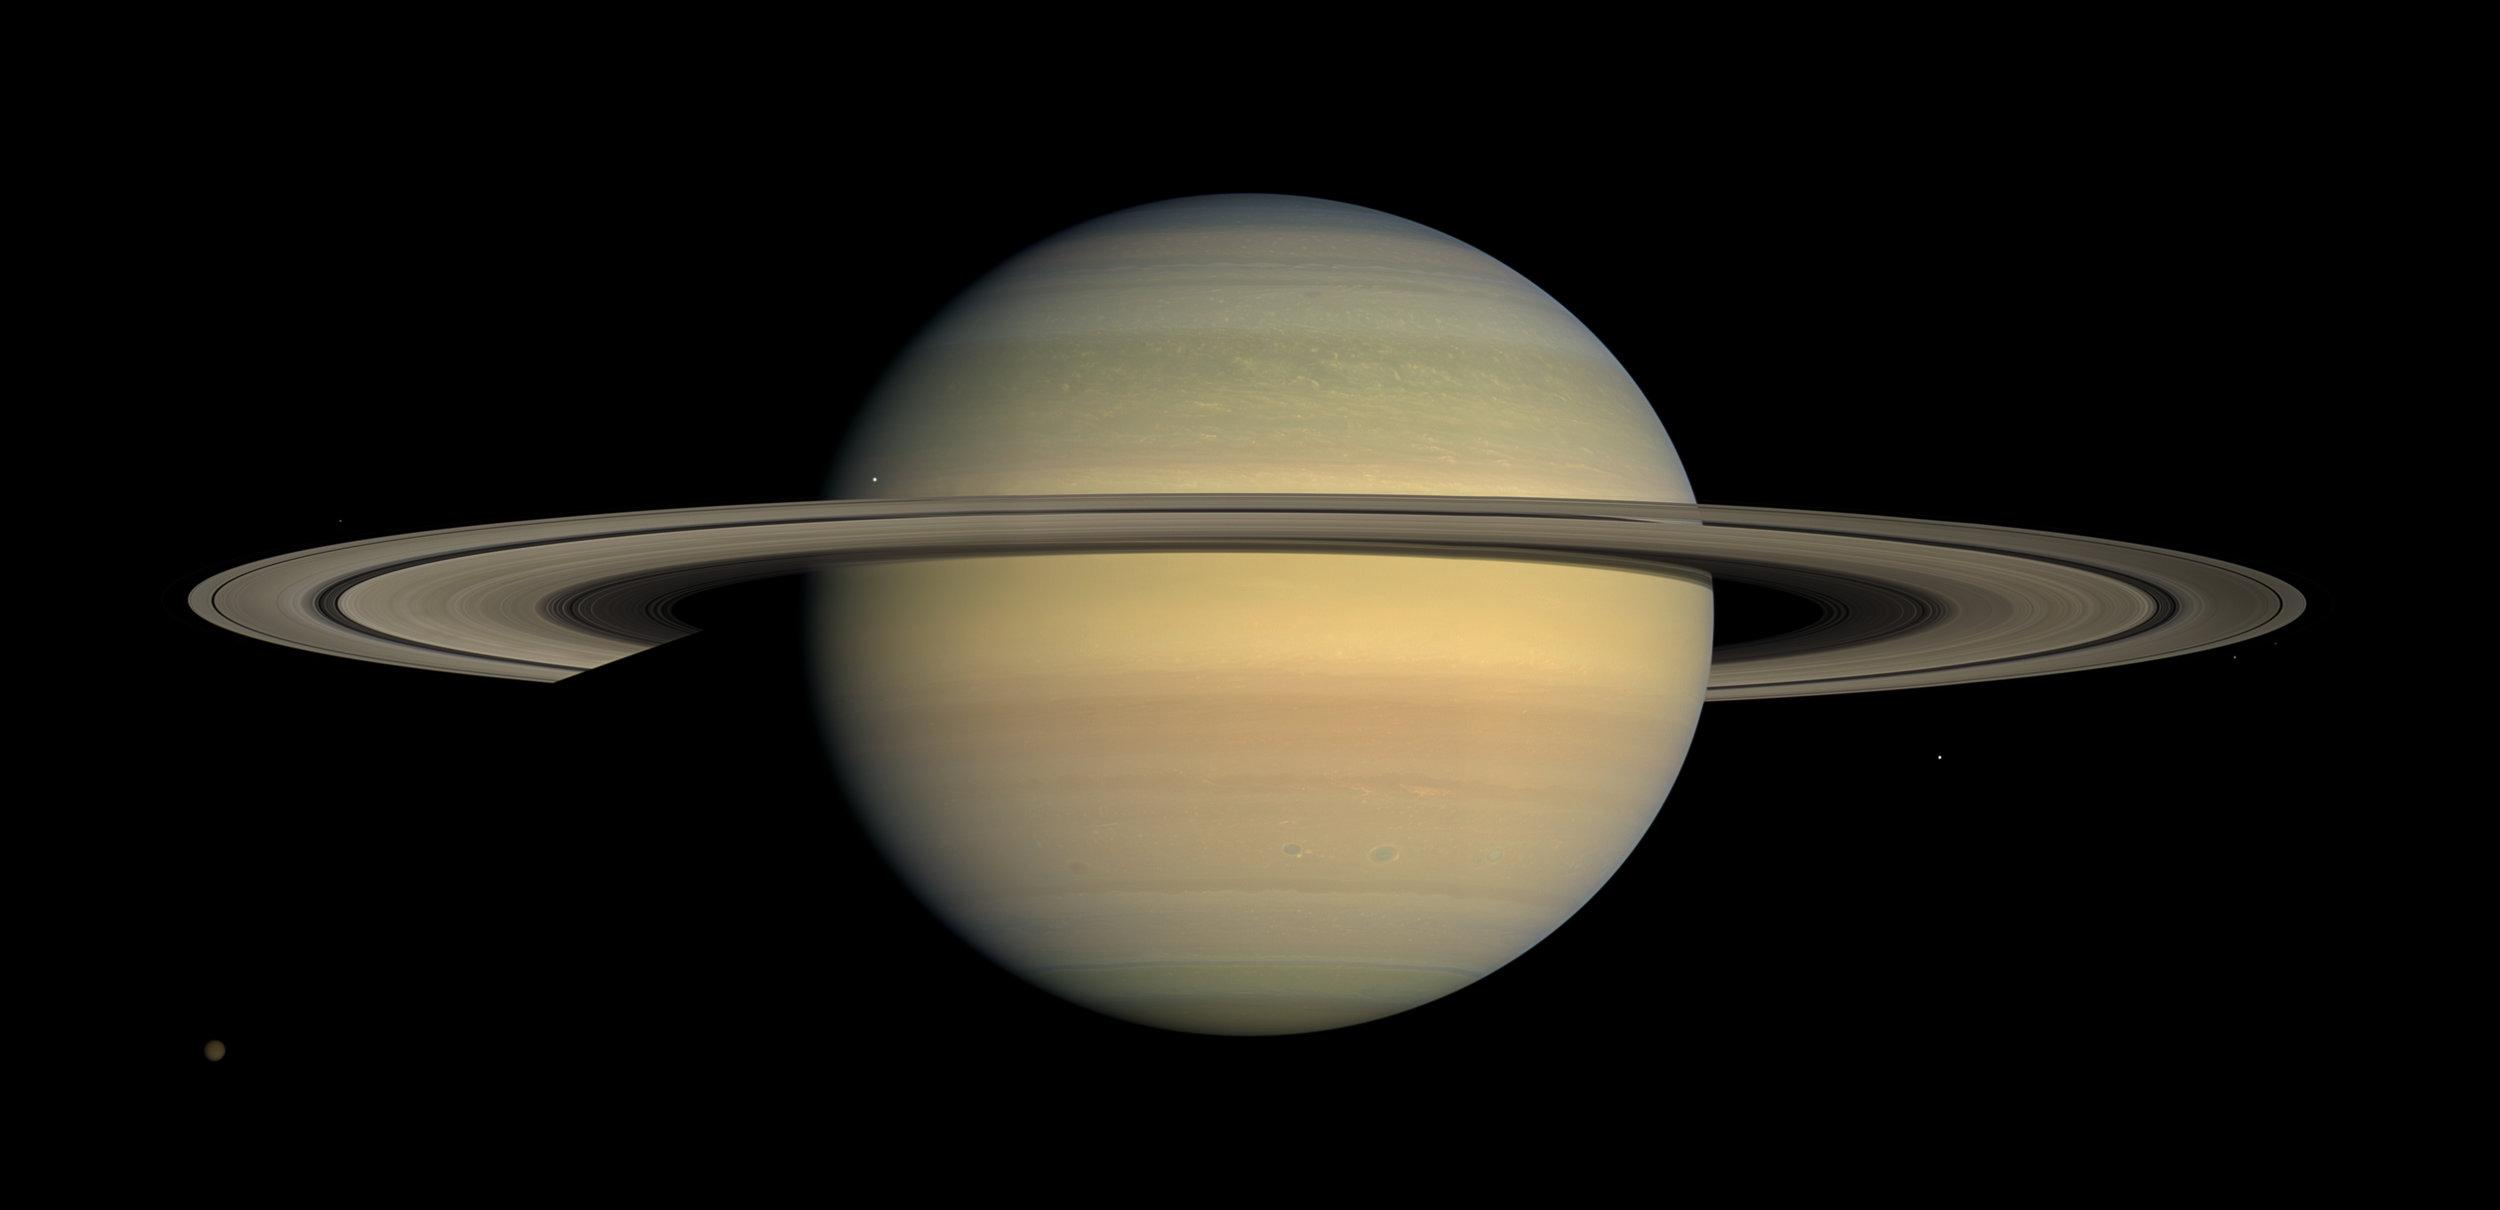 Saturno.